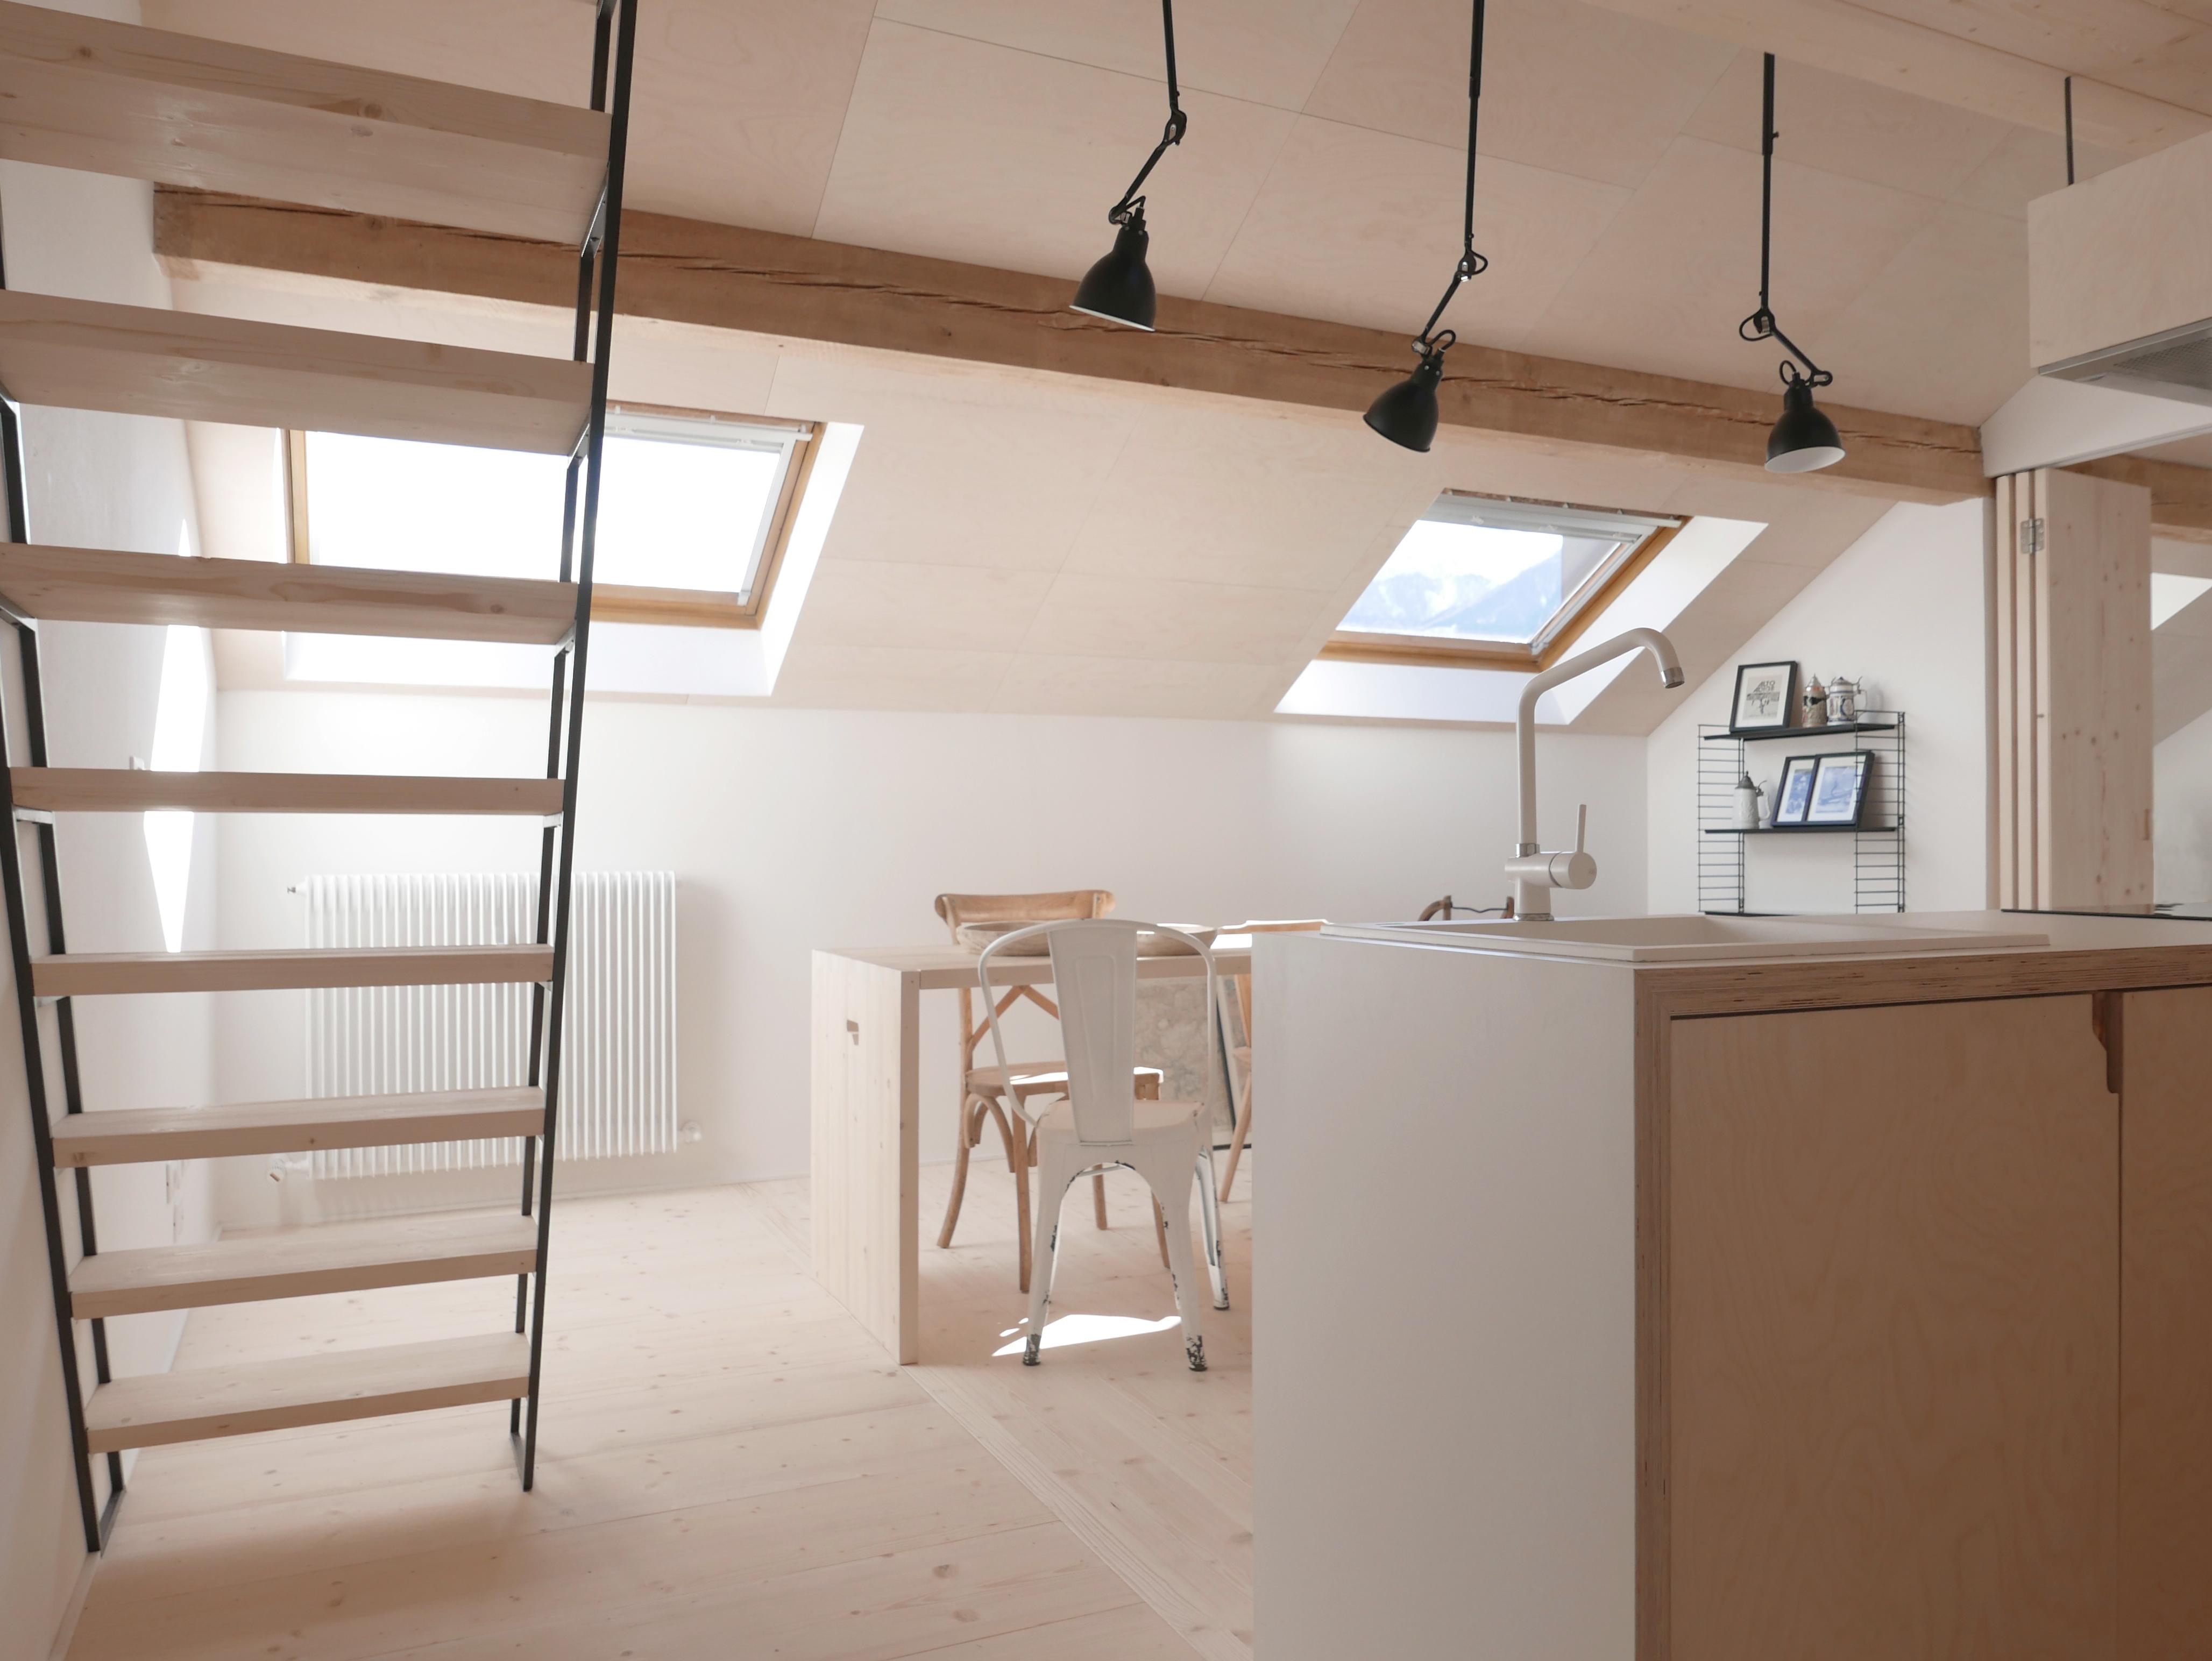 Come Separare Cucina E Soggiorno idee per dividere gli spazi di una mansarda - mansarda.it